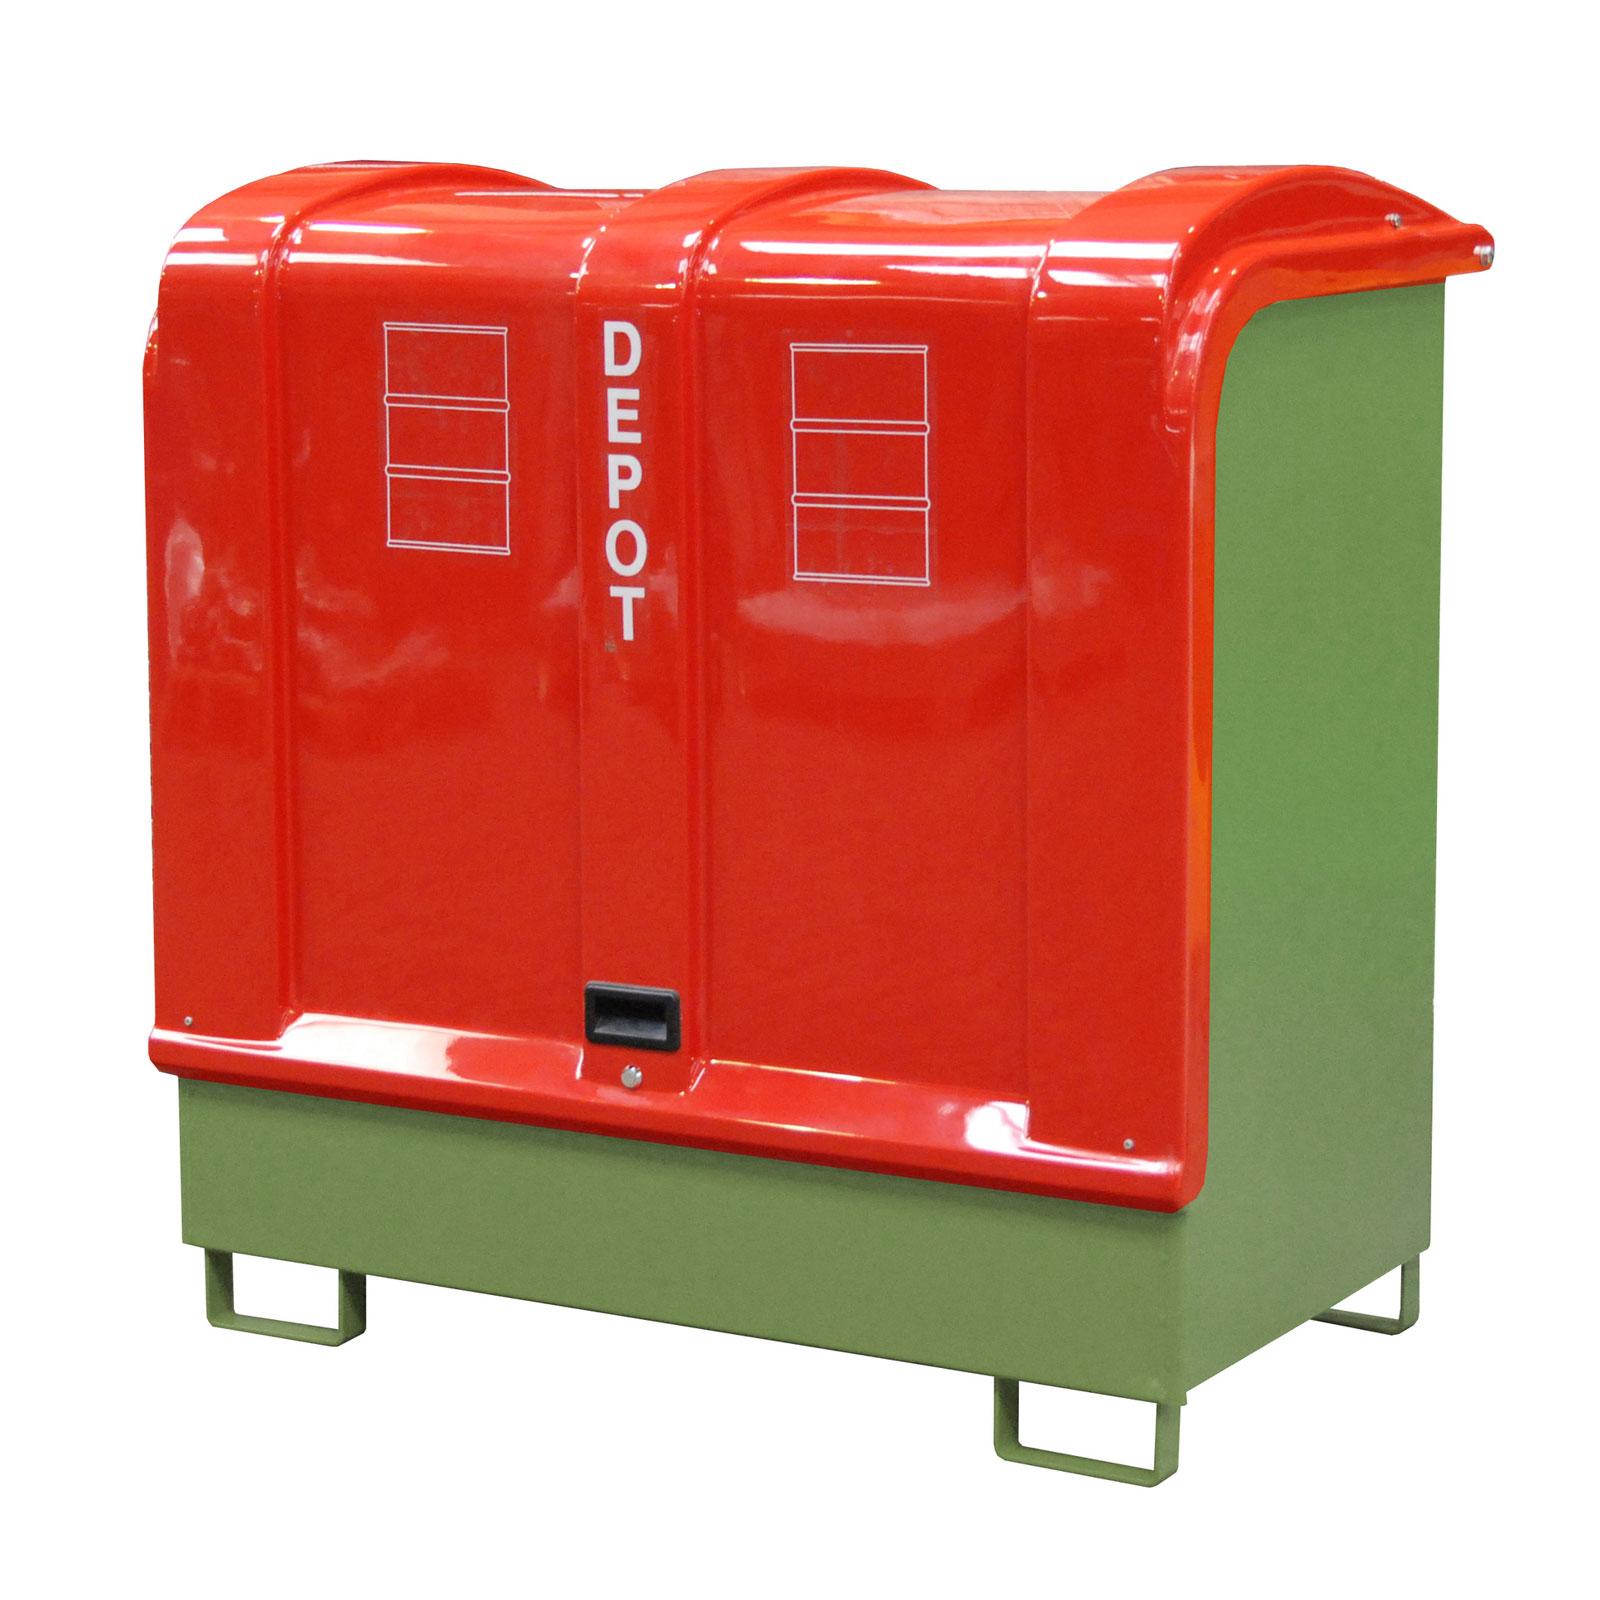 Bauer Gefahrstoff-Depot GD-B für Außenbereich mit Spritzschutzwand und GFK-Haube, Resedagrün 4416-02-0000-4